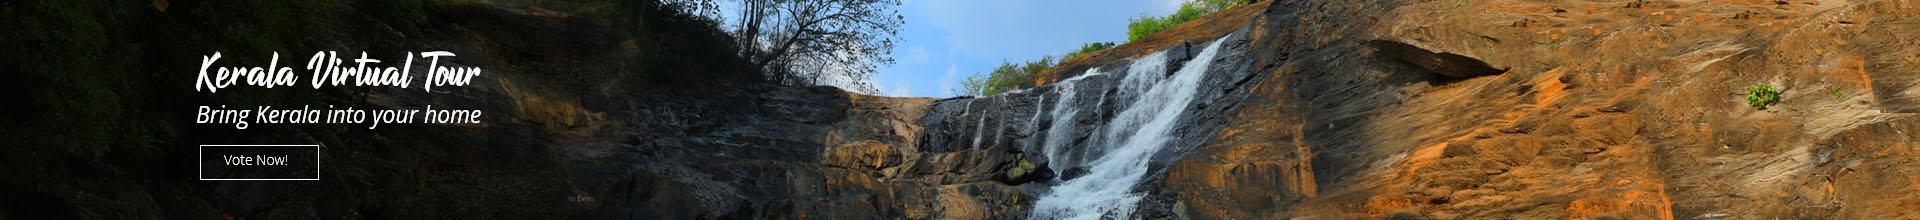 Kerala Virtual Tour